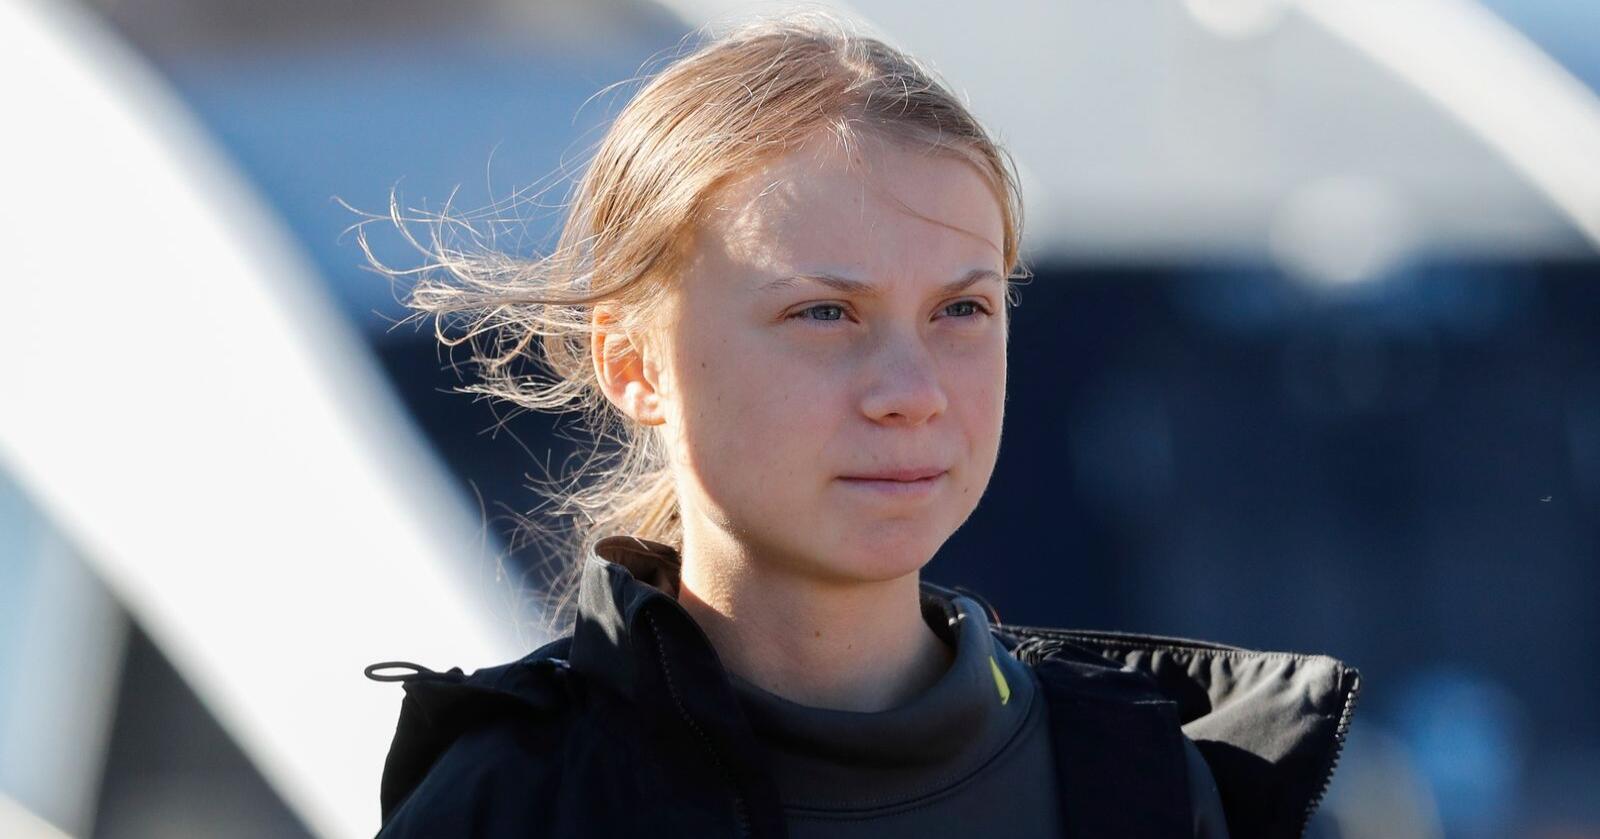 16 år gamle Greta Thunberg ankom denne uken Europa etter å ha seilt over Atlanterhavet fra USA. Nå hylles hun av den islandske artisten Björk. Foto: Armando Franca / AP / NTB scanpix